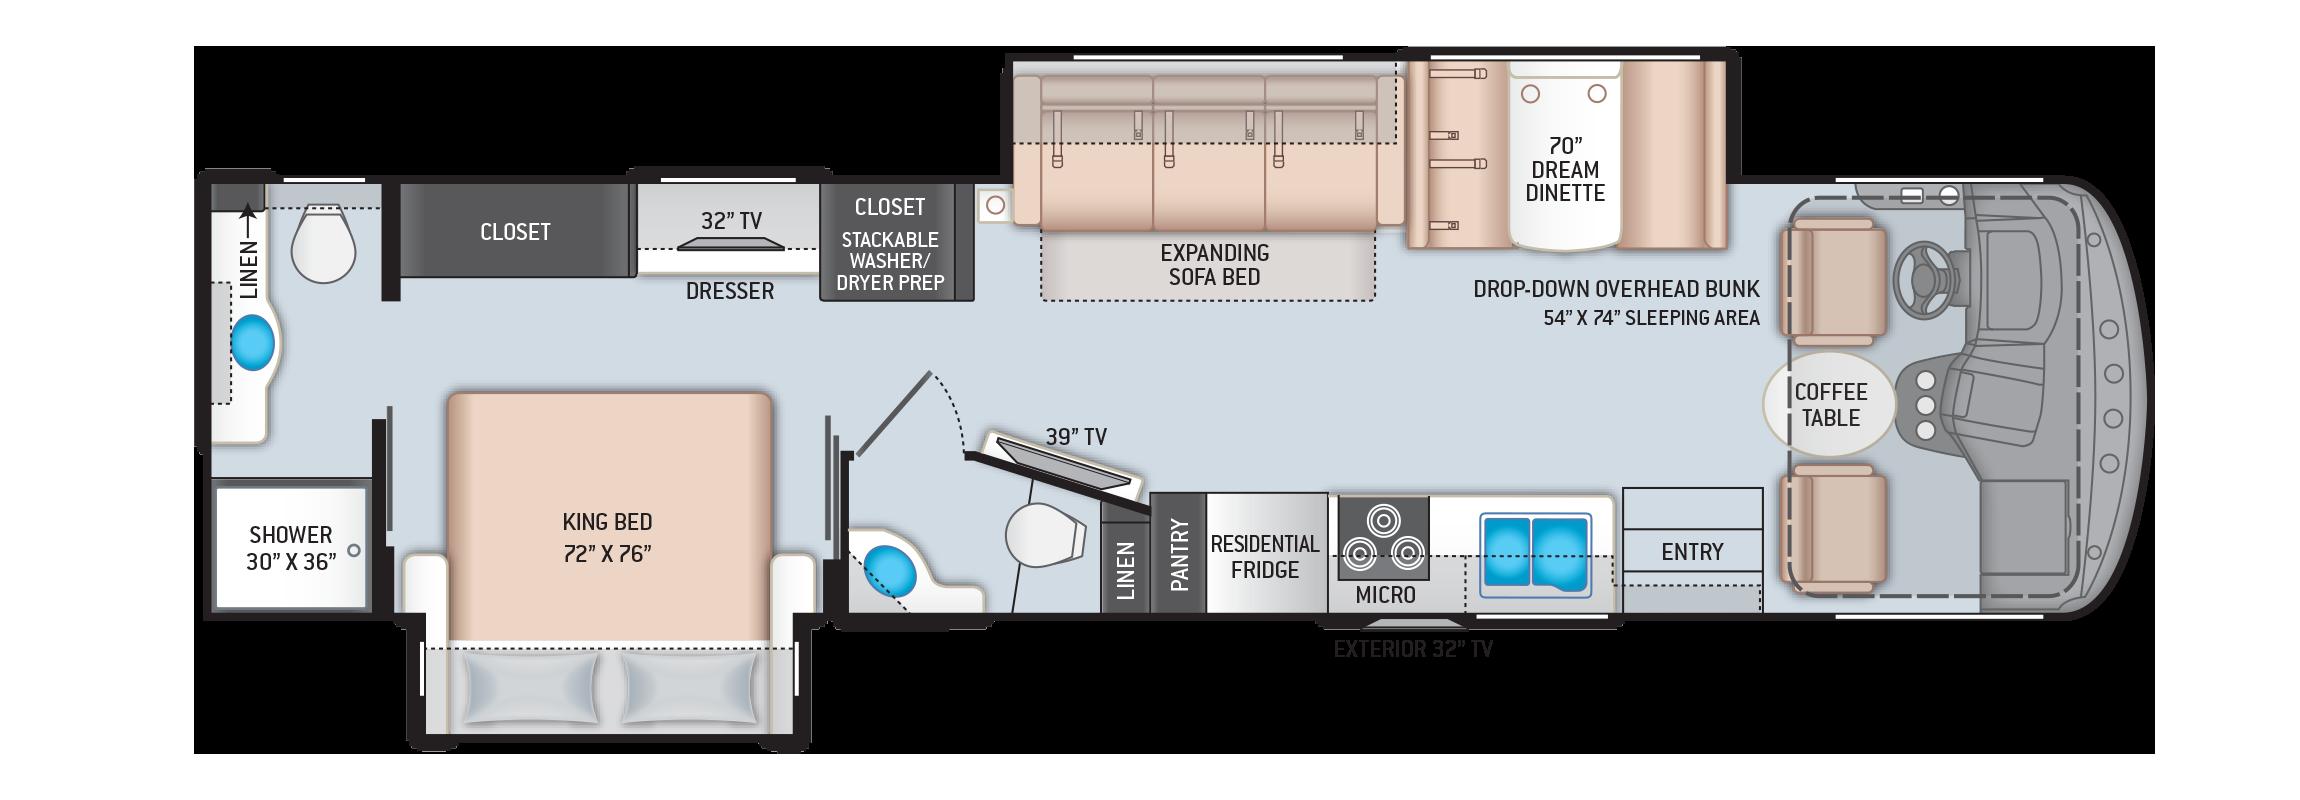 Windsport Class A Motorhome Floor Plan 35M